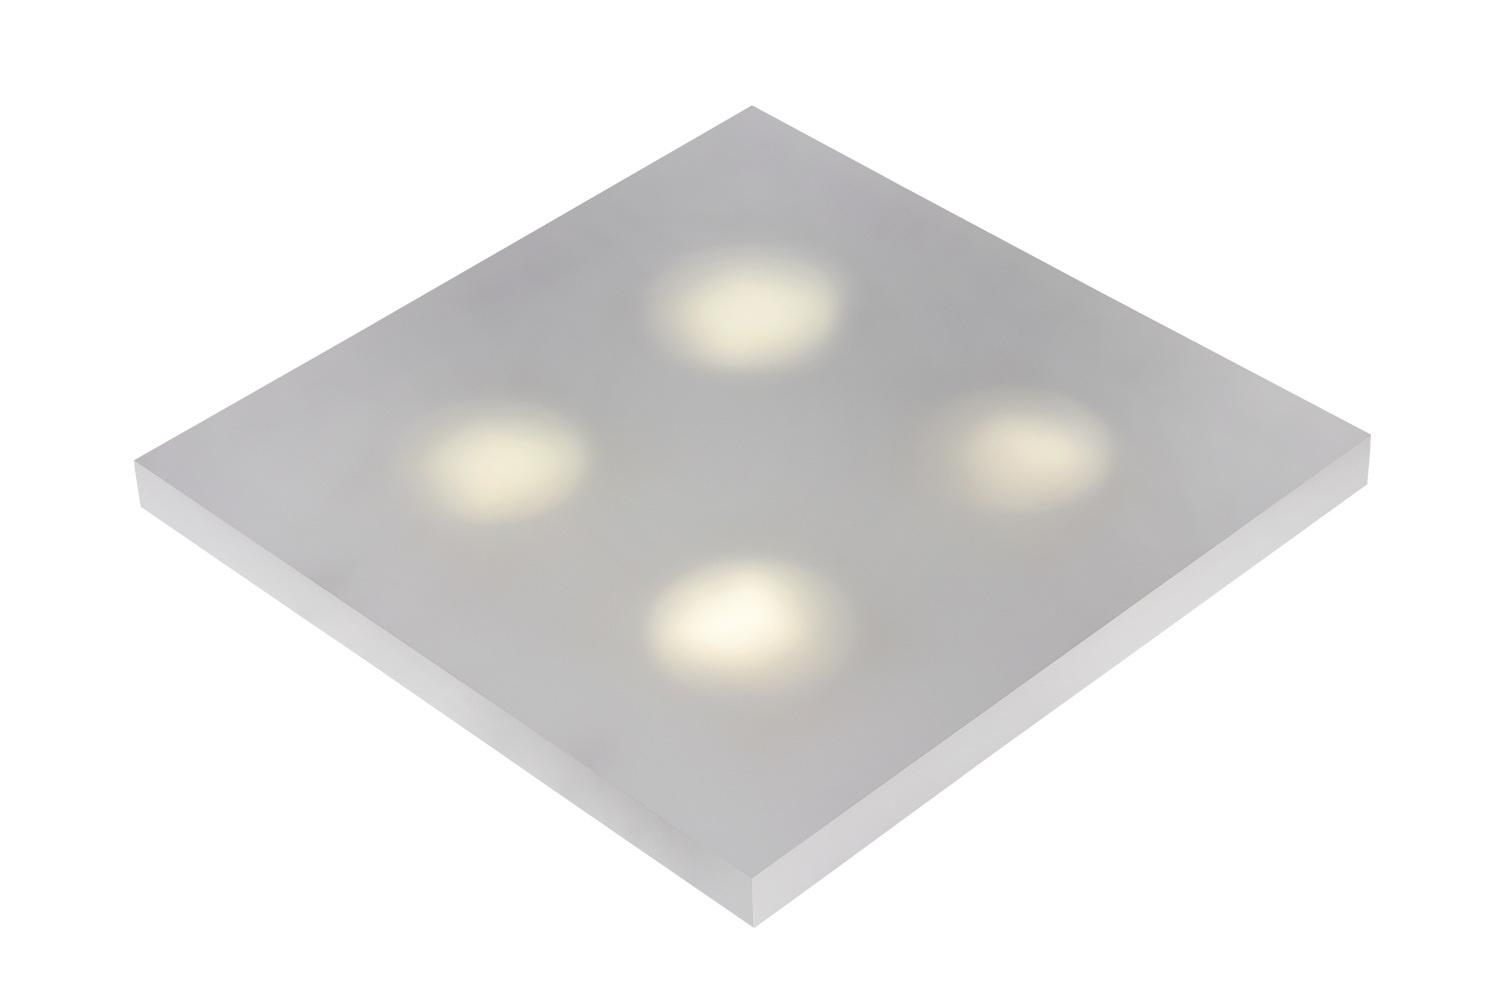 Lucide WINX-LED Wandlicht 4xGX53/7W 6/35/35cm Ijsmat Acry